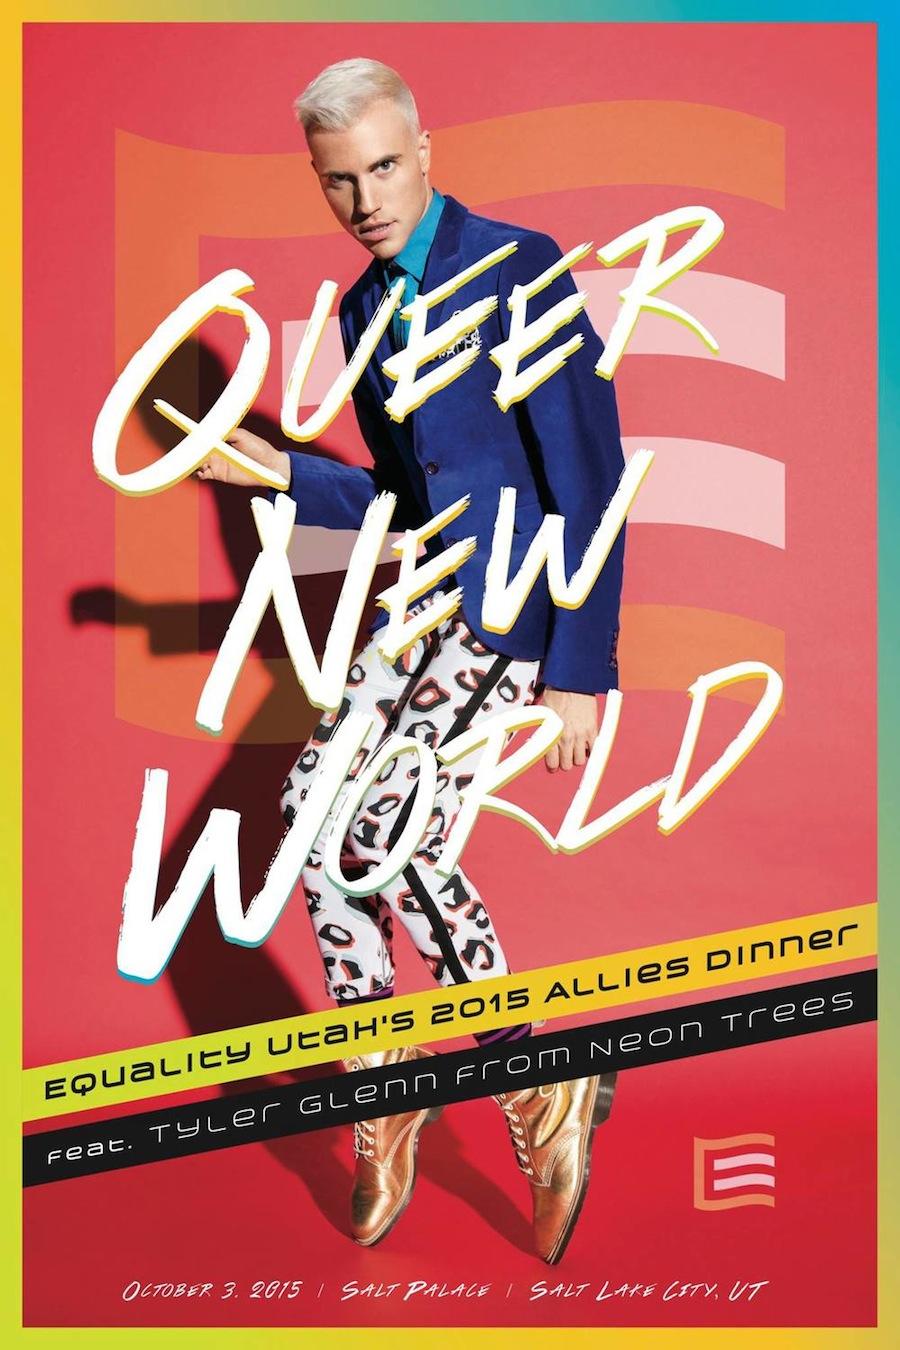 equality+utah+queer+new+world+tyler+glenn